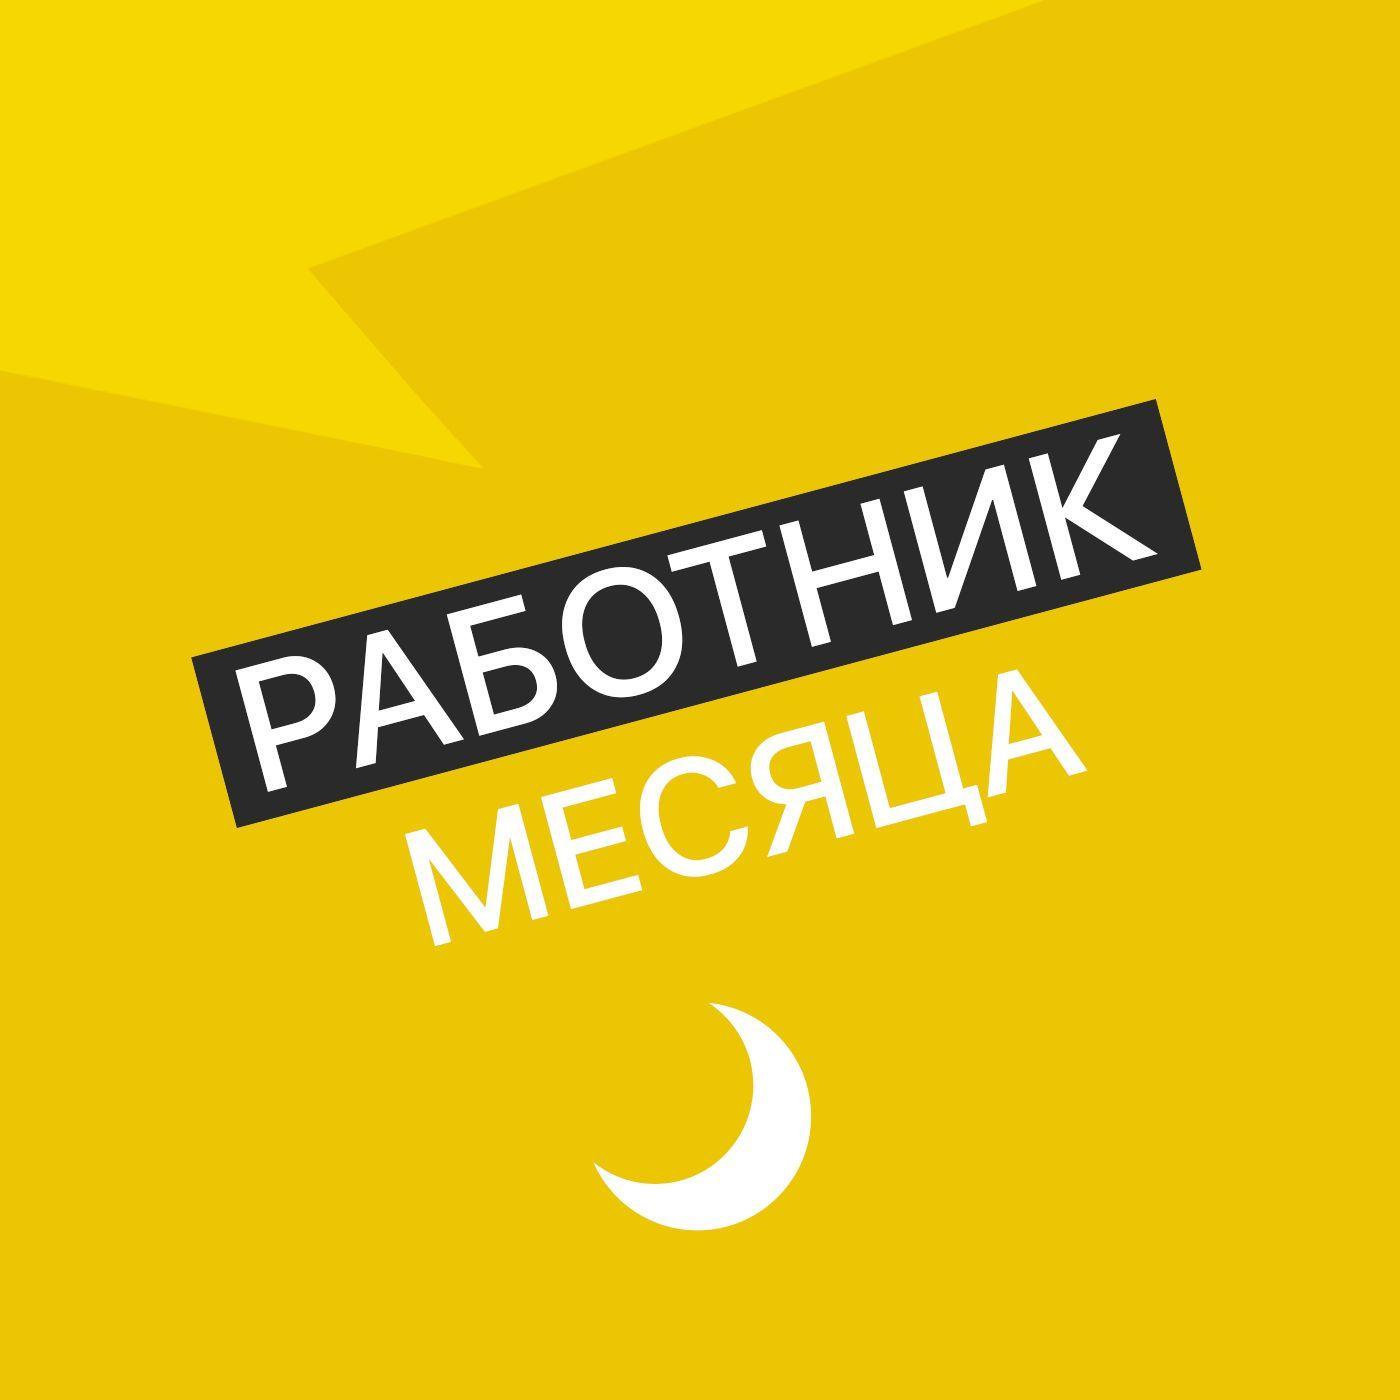 Творческий коллектив Mojomedia Кинокритик